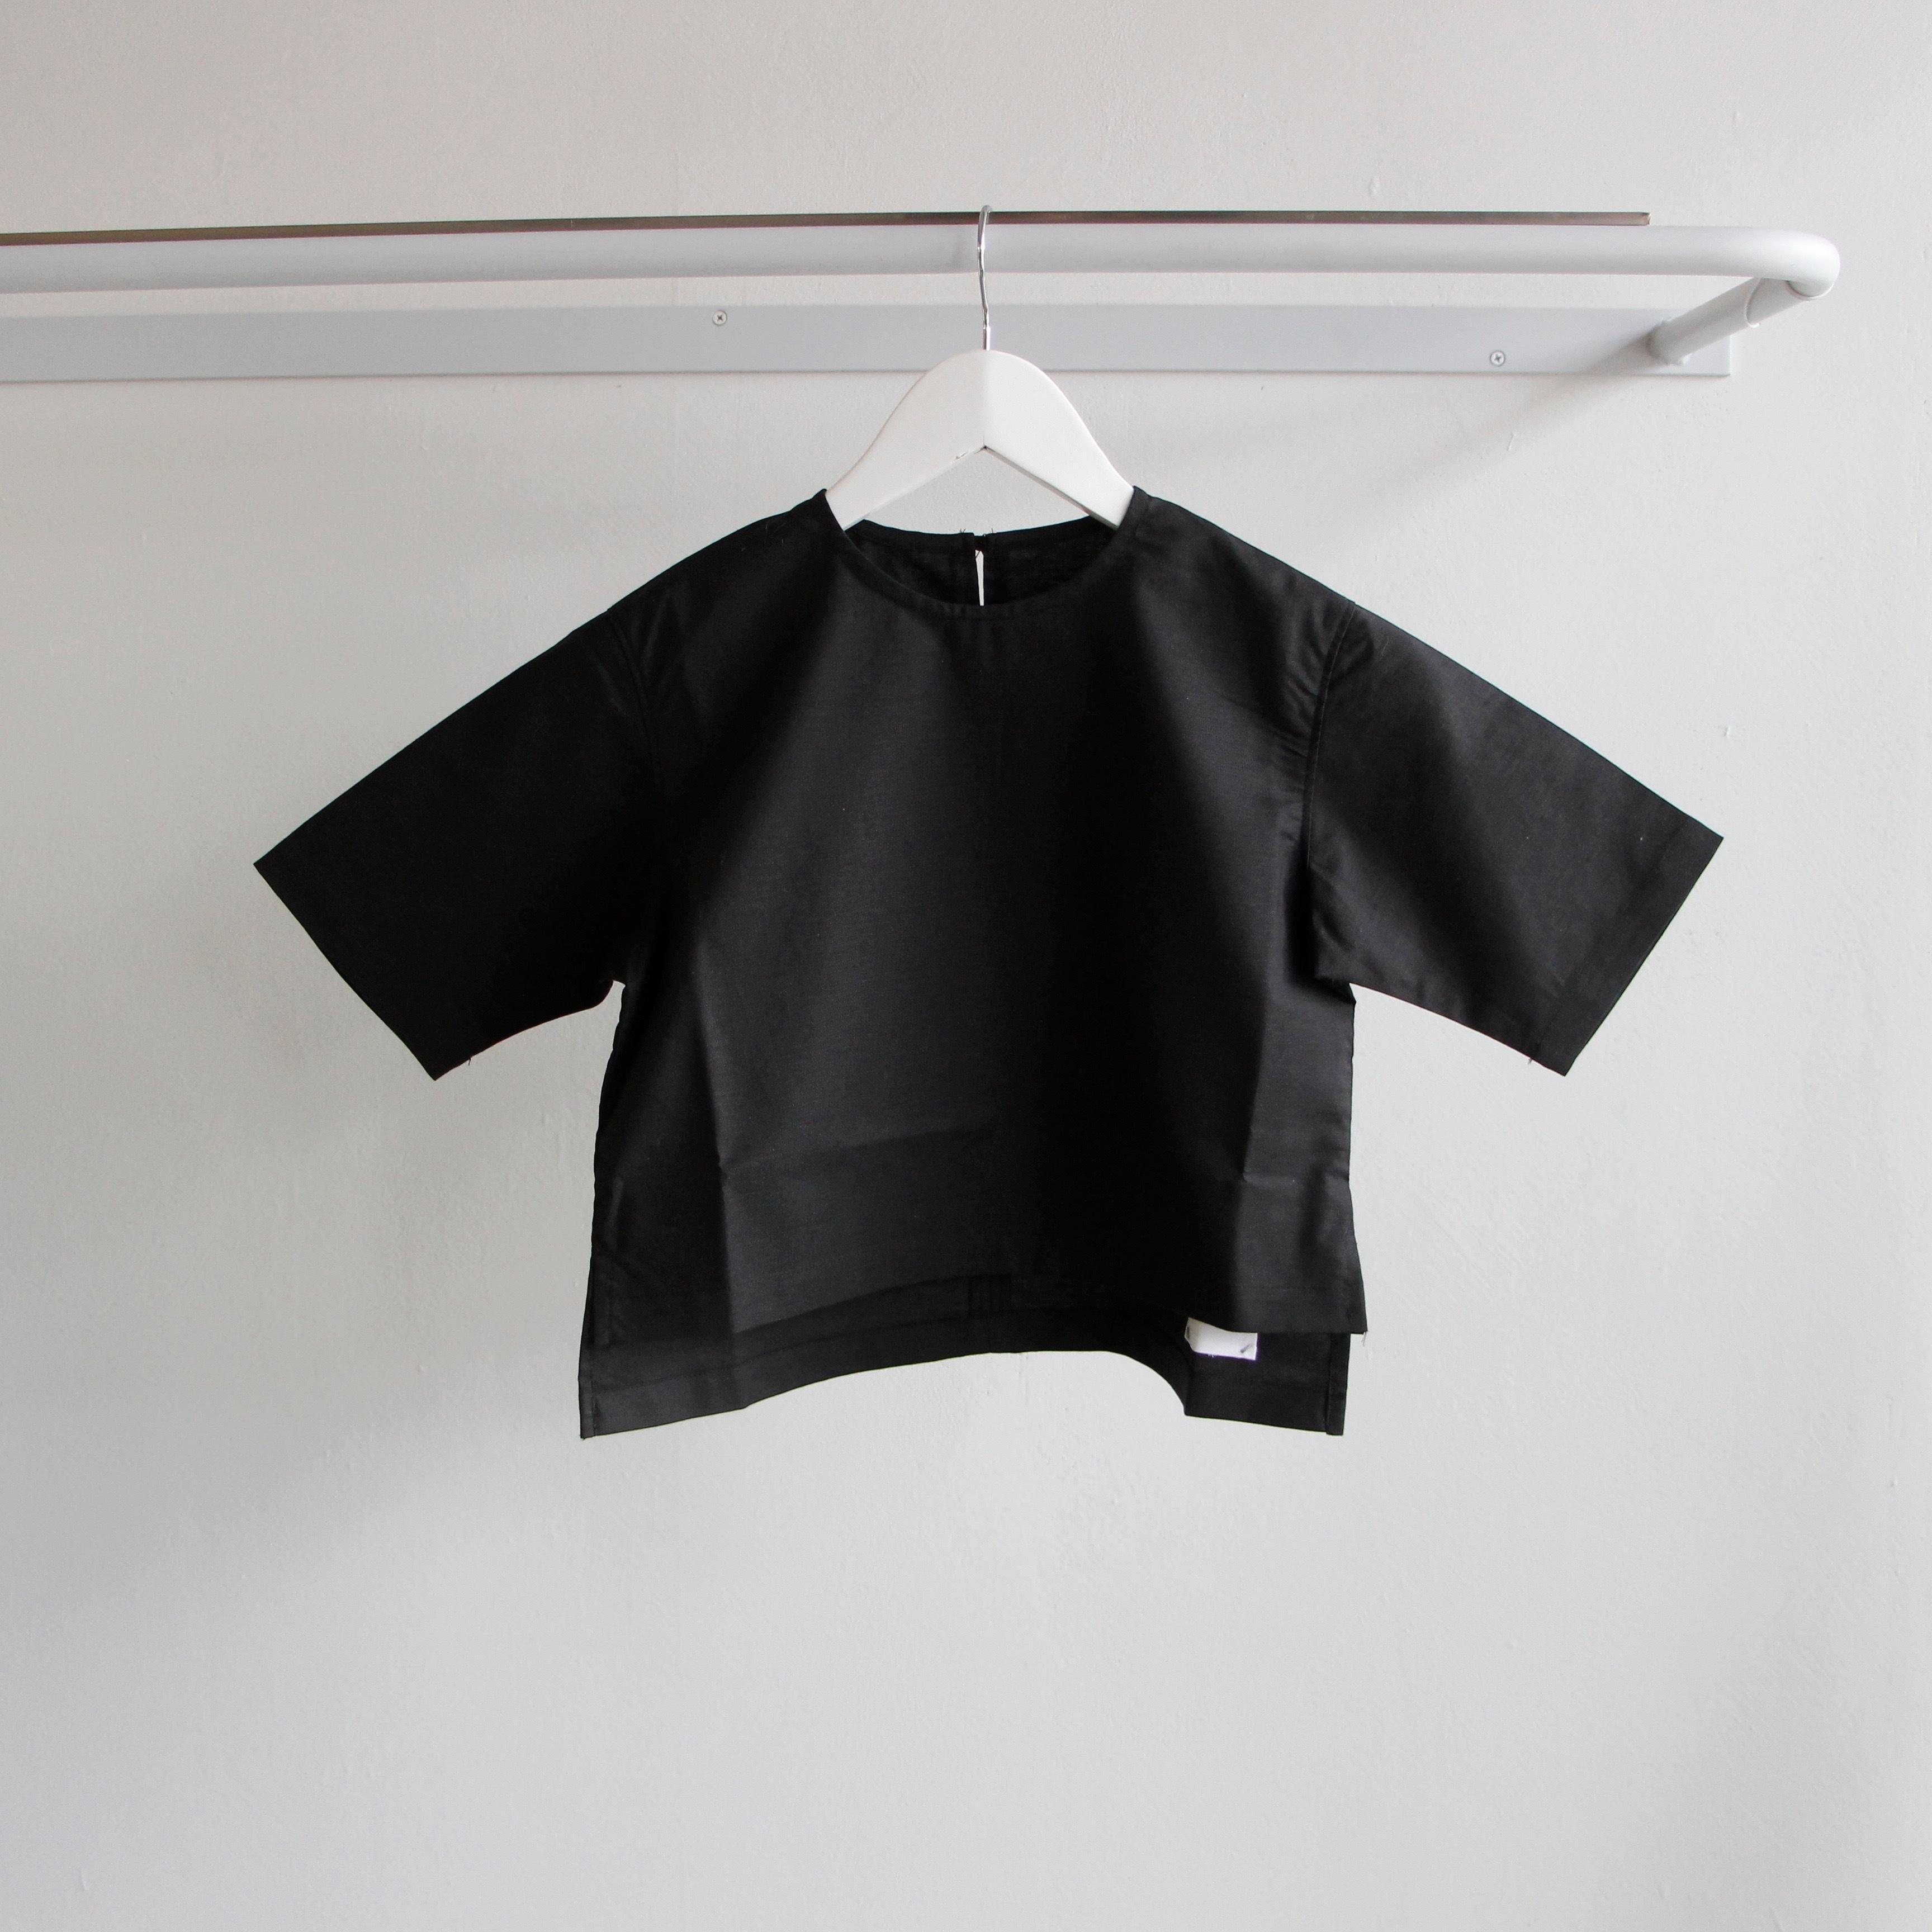 《WONDER FULL LIFE 2018SS》BLOUSE / black / L(130-140cm)